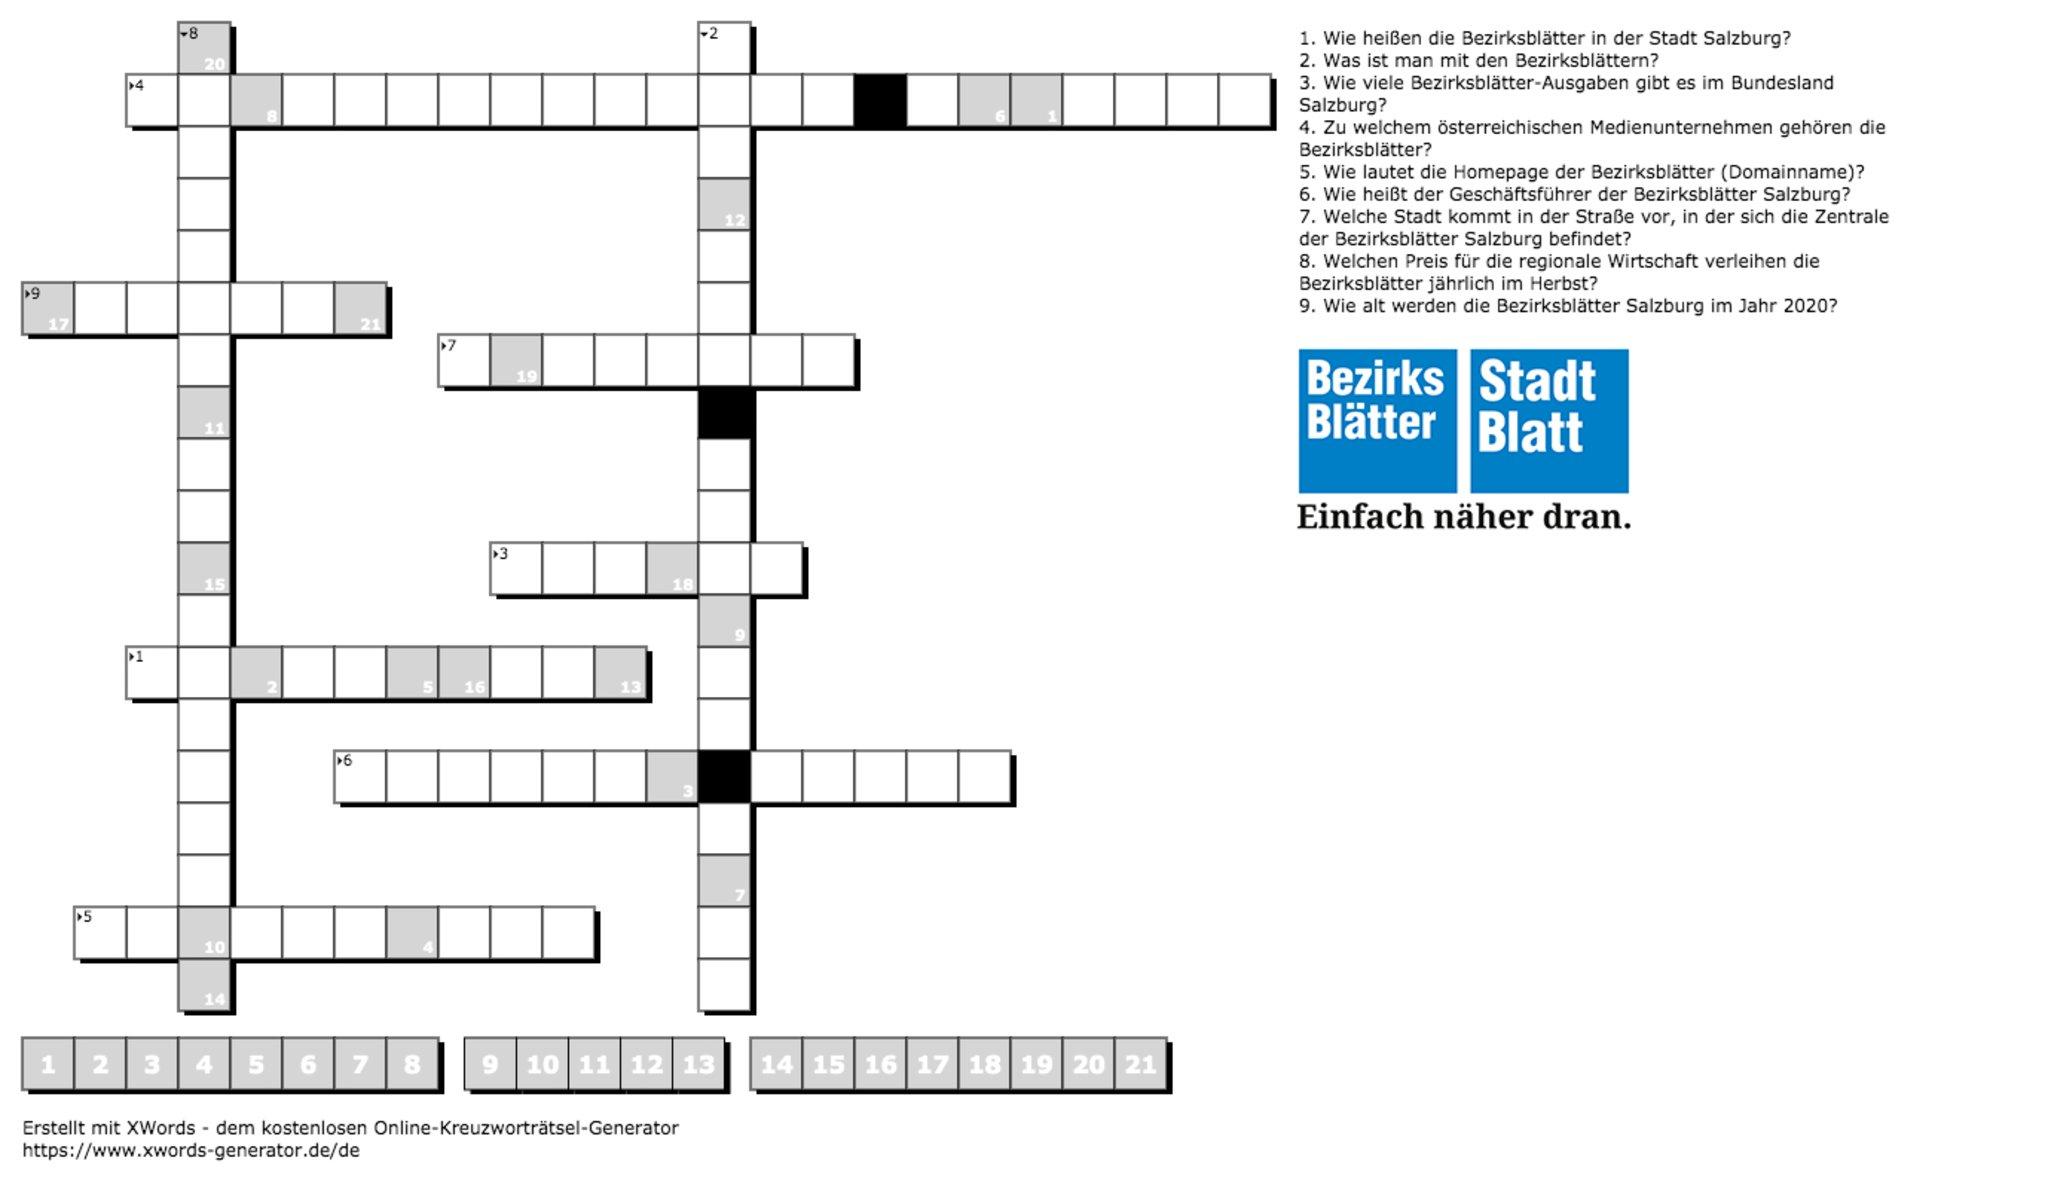 Kreuzworträtsel: Knackst Du Das Große Bezirksblätter ganzes Falls Kreuzworträtsel